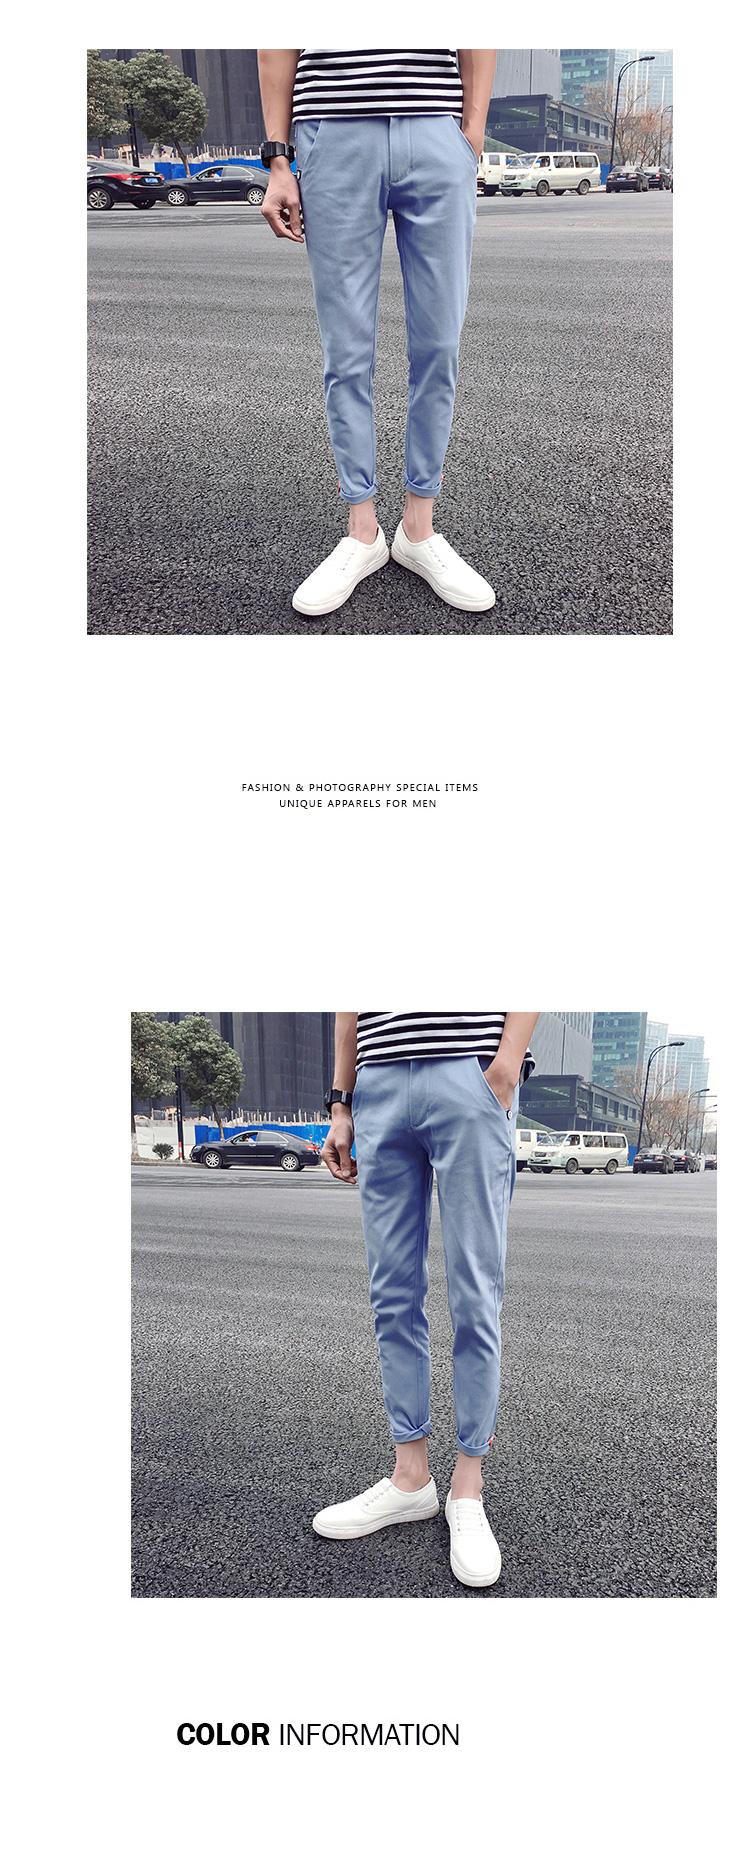 春夏季男士休闲裤 男装潮流九分裤韩版修身哈伦裤小脚裤子K18P35